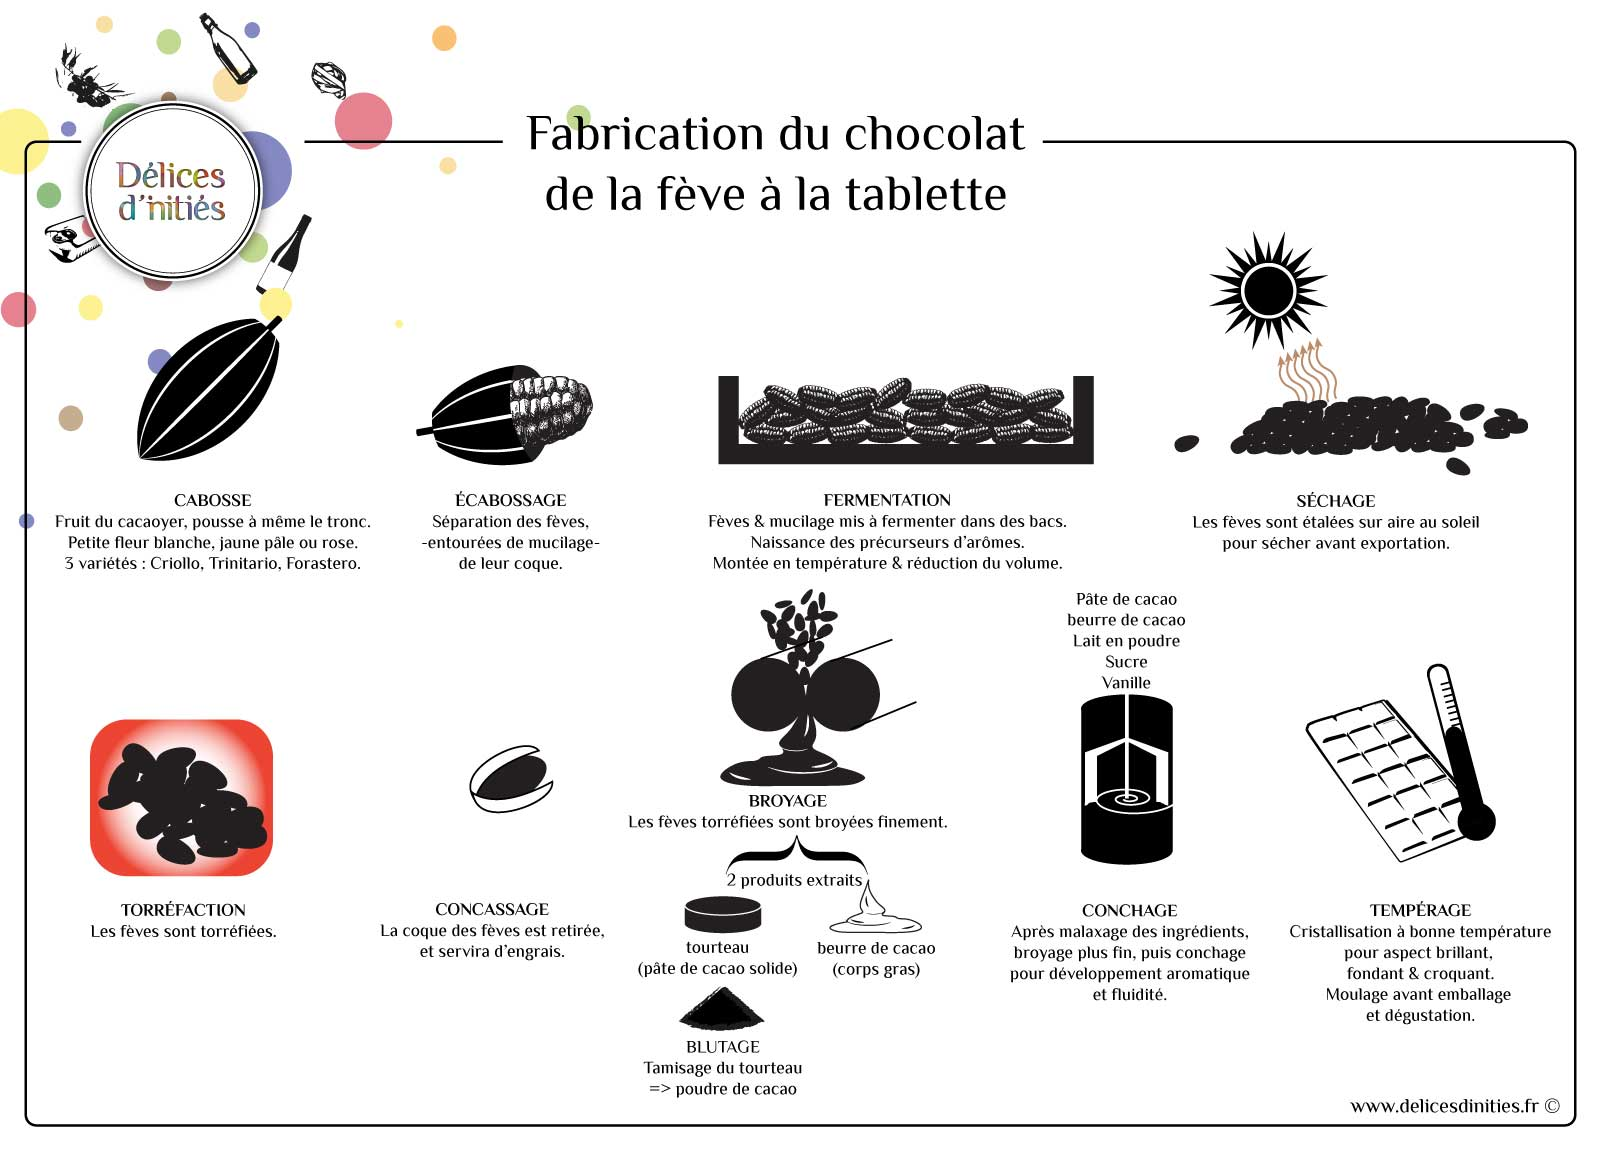 Les étapes de fabrication du chocolat